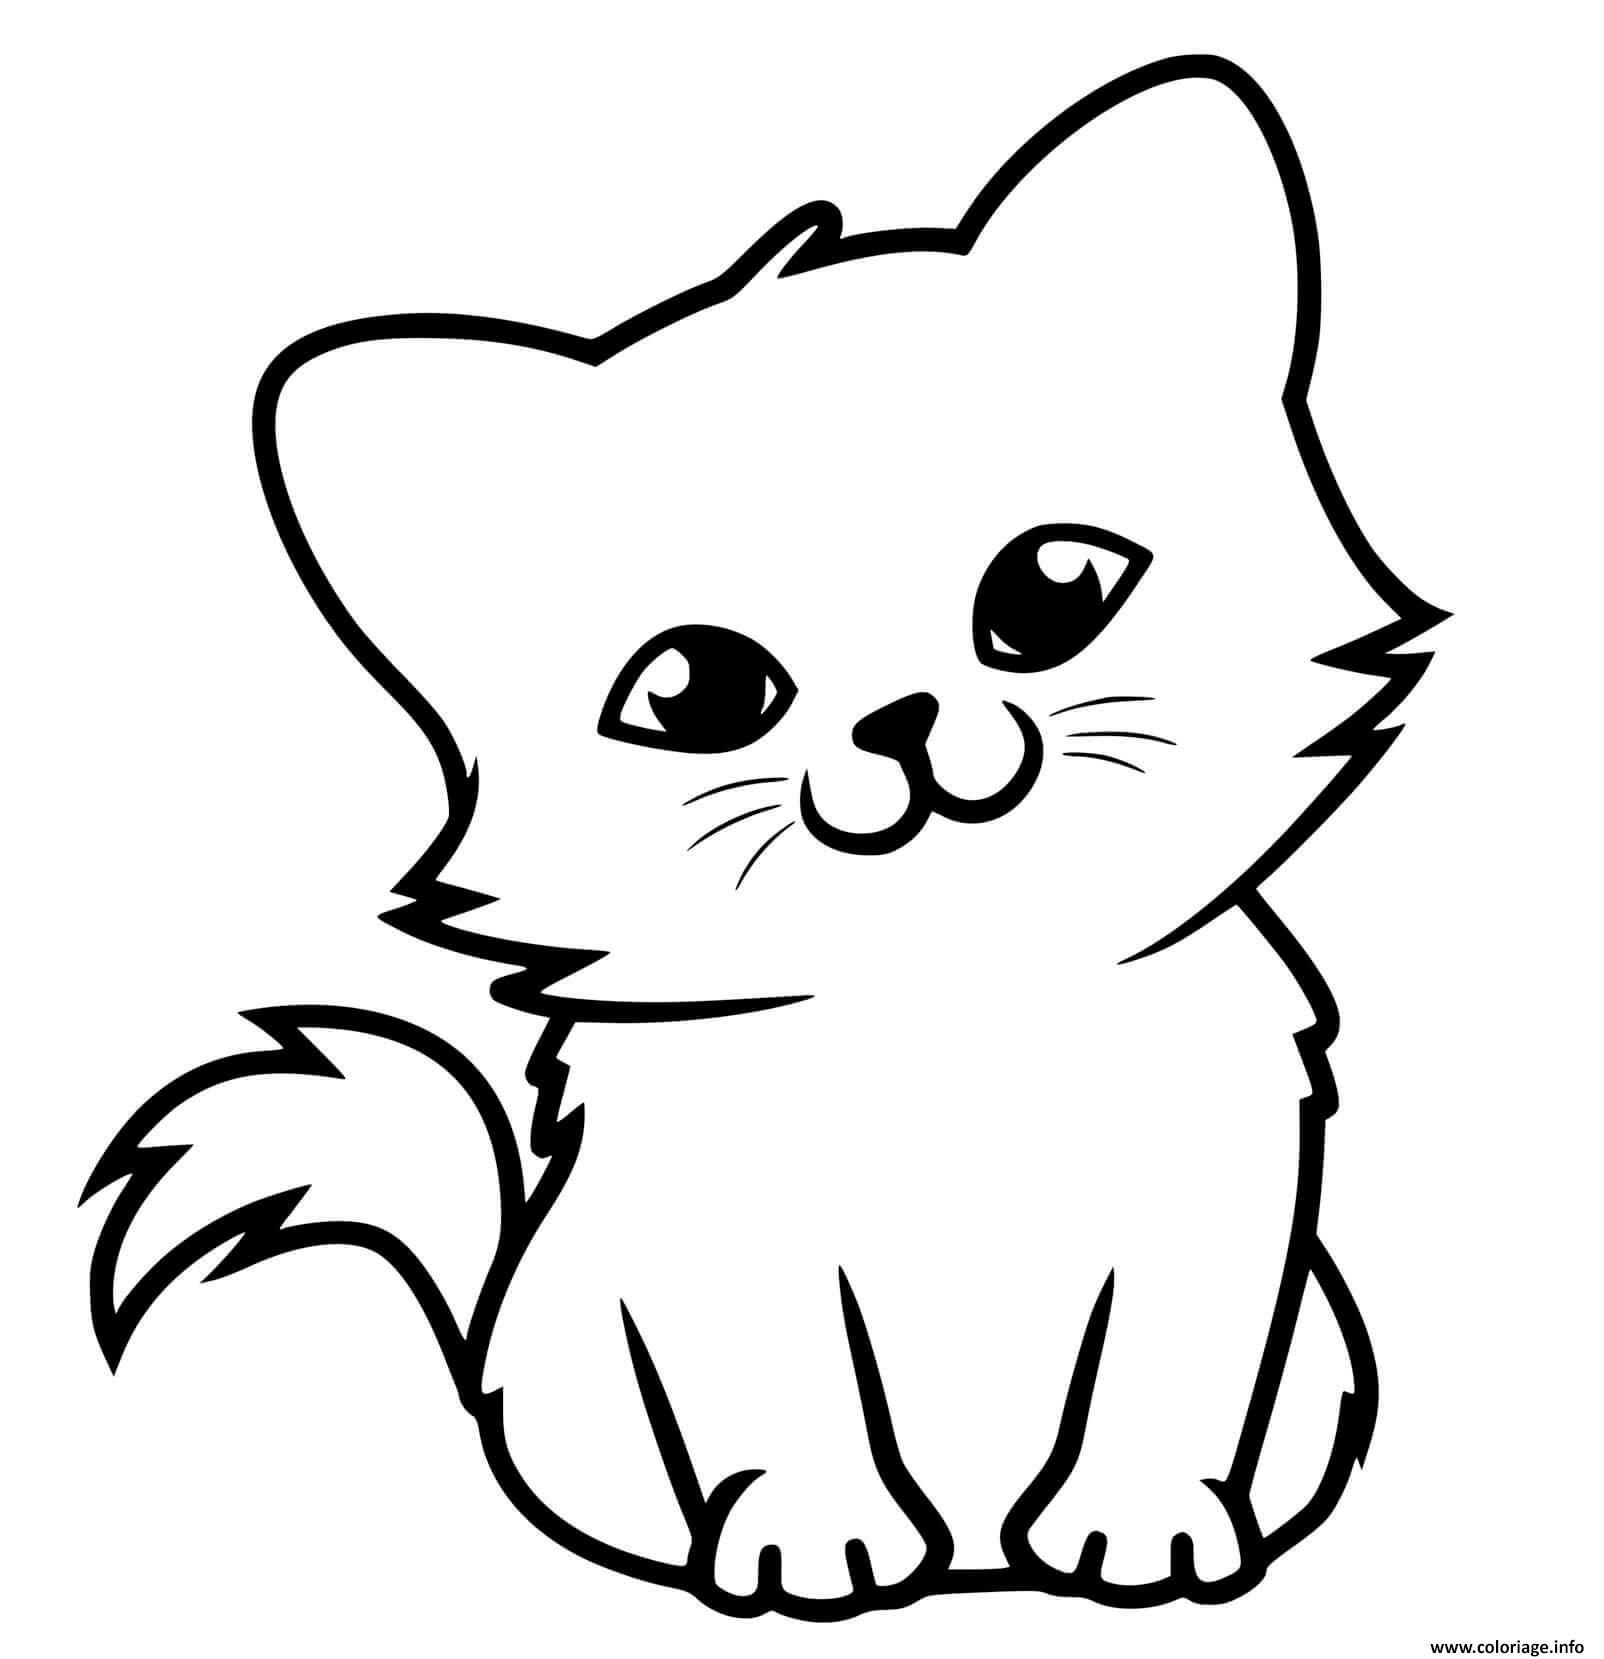 Dessin adorable petit chatonon Coloriage Gratuit à Imprimer